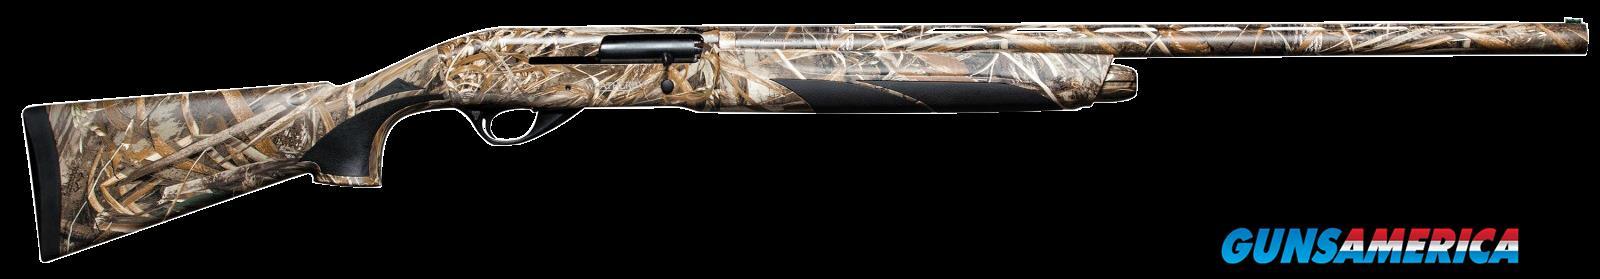 Weatherby Element, Wthby Ewf1226pgm Element Wf 12 26 Max5  Guns > Pistols > 1911 Pistol Copies (non-Colt)